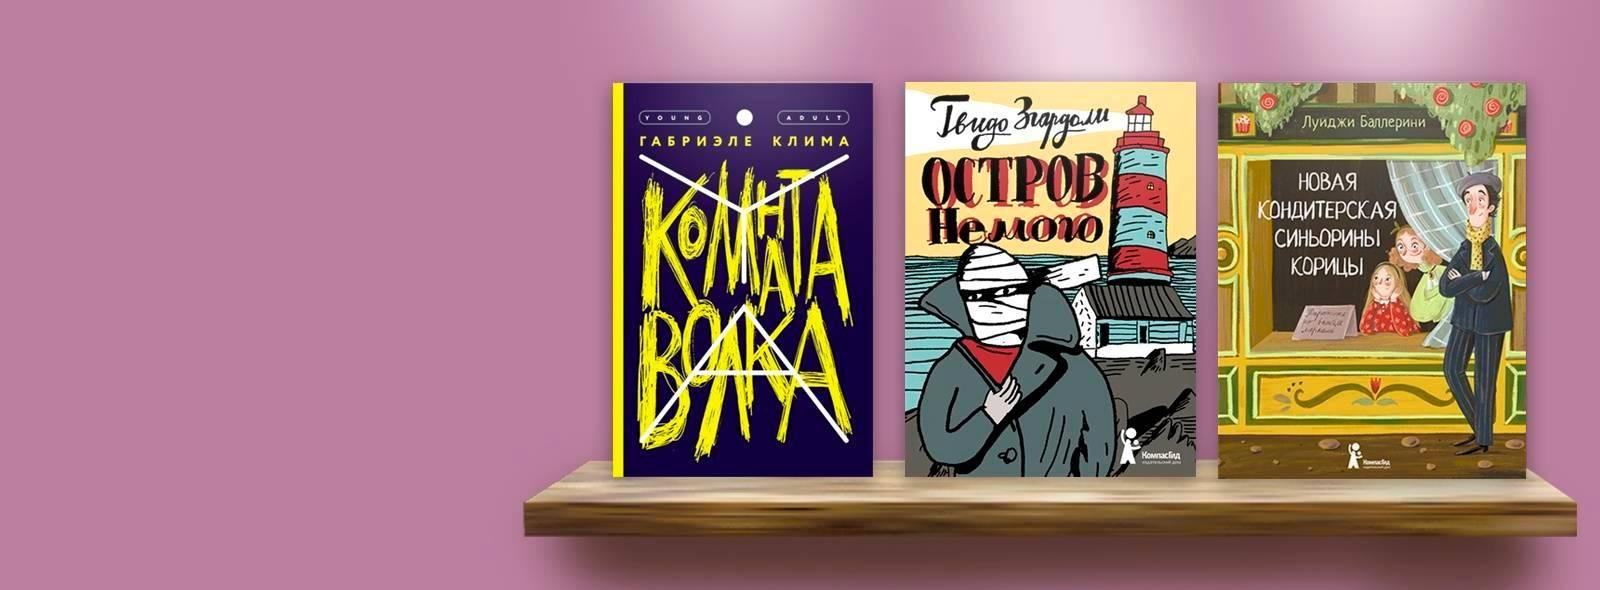 Felicita! Современная итальянская литература для детей и подростков